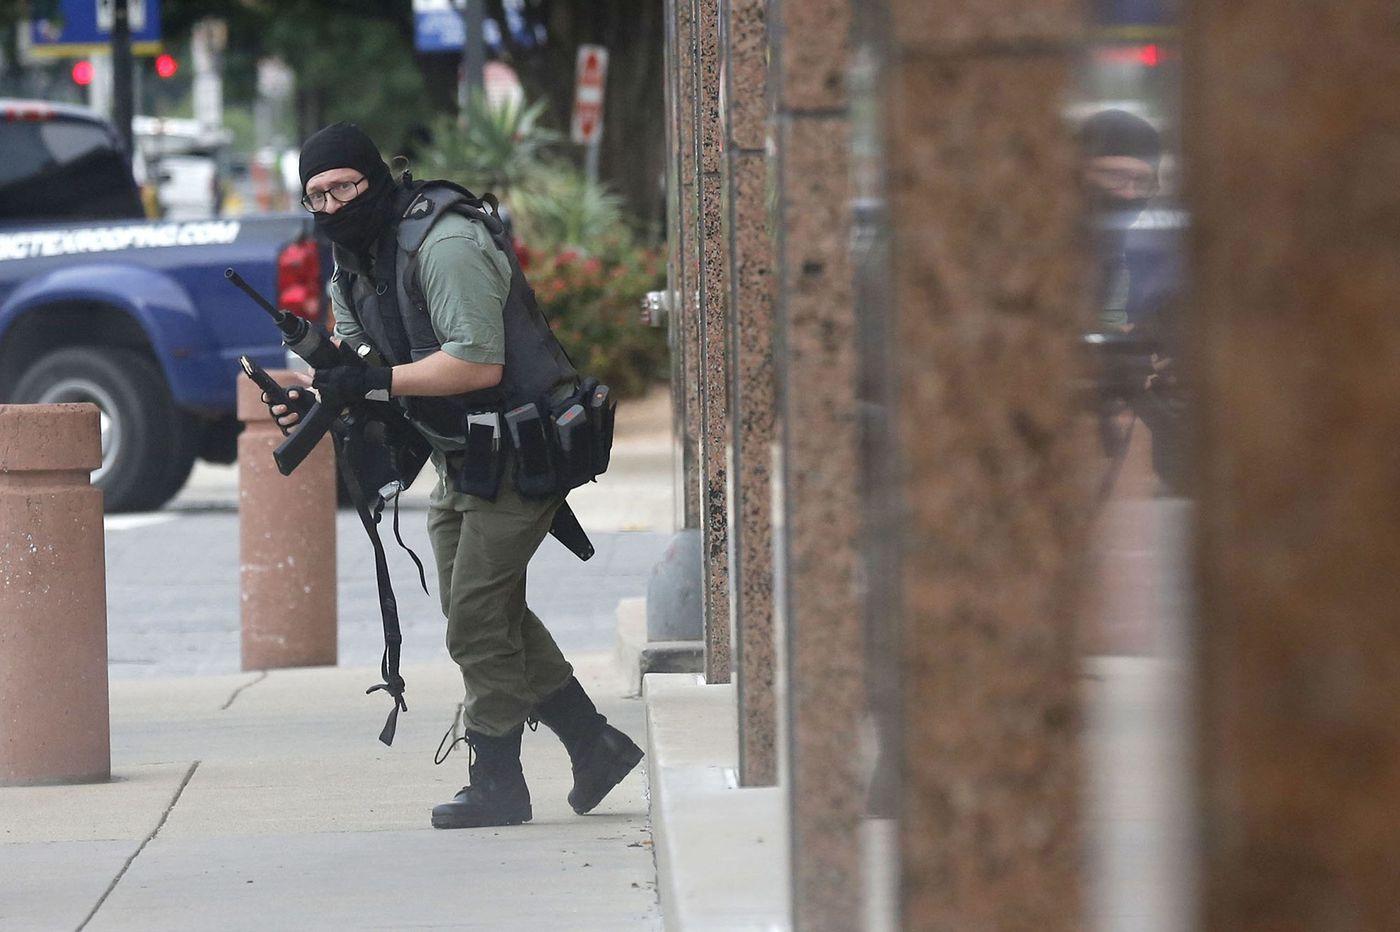 Photographer recounts facing Dallas gunman